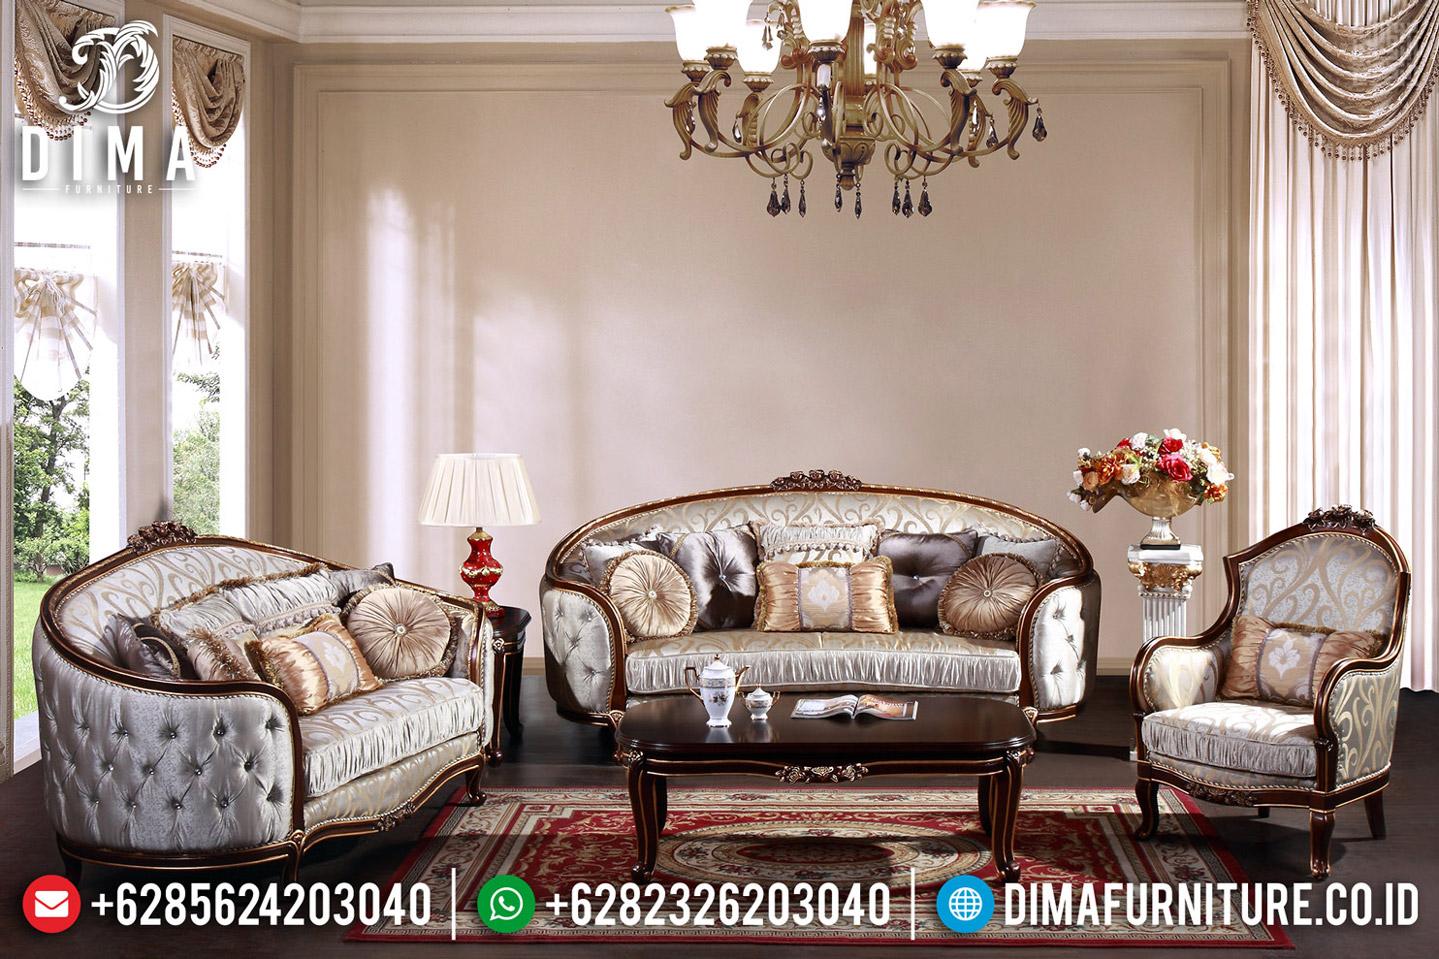 Sofa Tamu Mewah Ukiran Natural Salak Brown Classic Furniture Jepara MMJ-0591